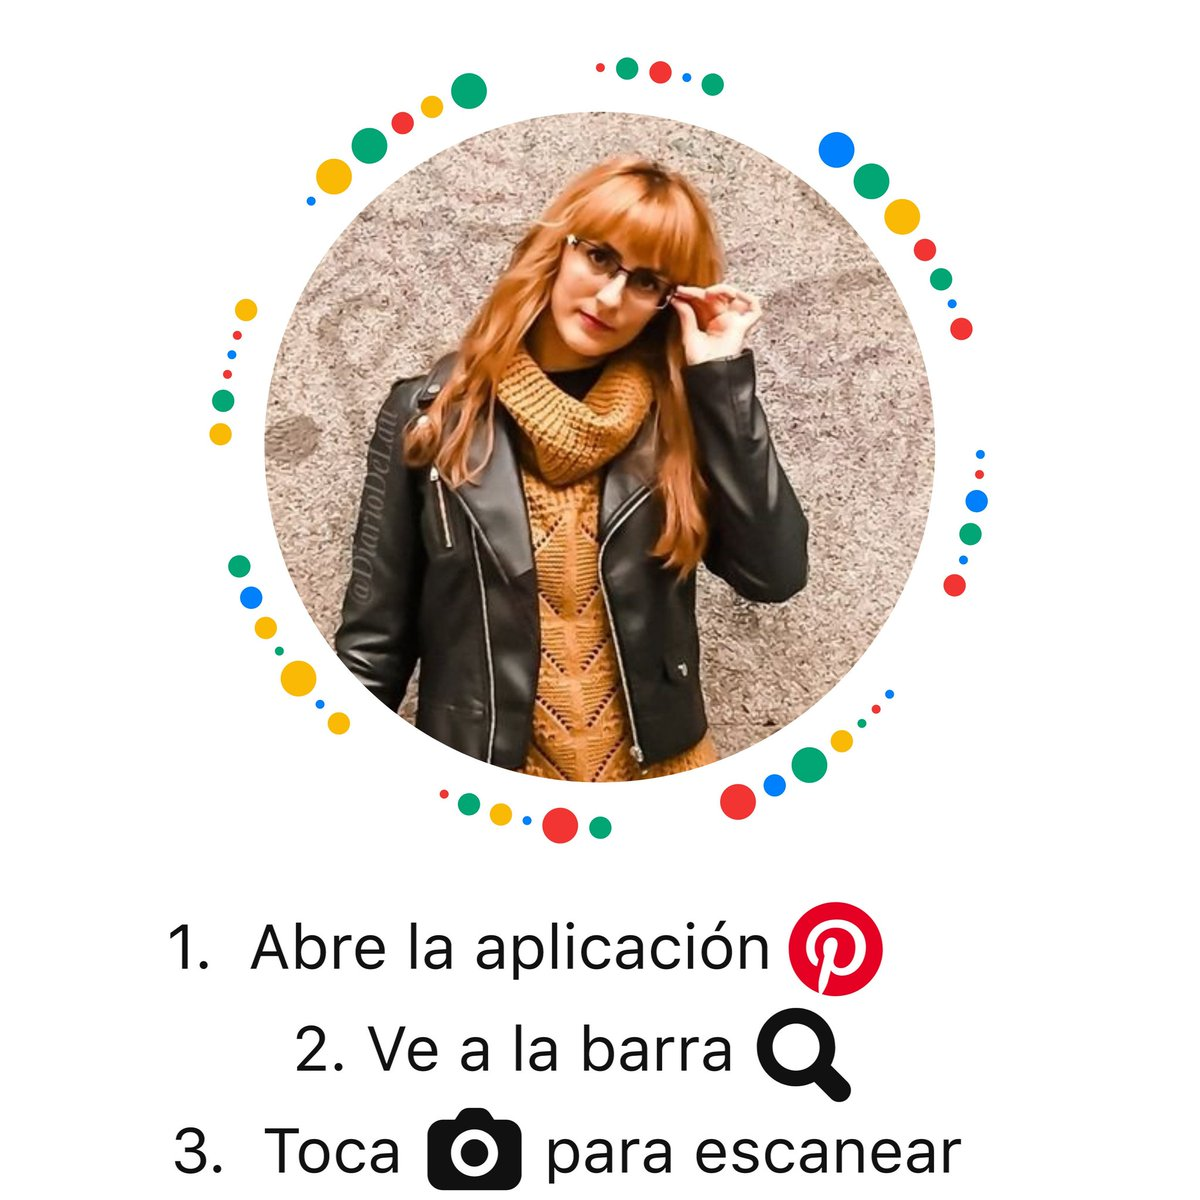 Me hice una cuenta en #Pinterest hace poco, si os apetece seguirme, podéis escanear este código. 😉 . . #Madrid #FelizDomingo #SundayThoughts #HappySunday #spain #Spanish #photooftheday #DomingoDeGanarSeguidores #domingo #follobackforfolloback #Instagram